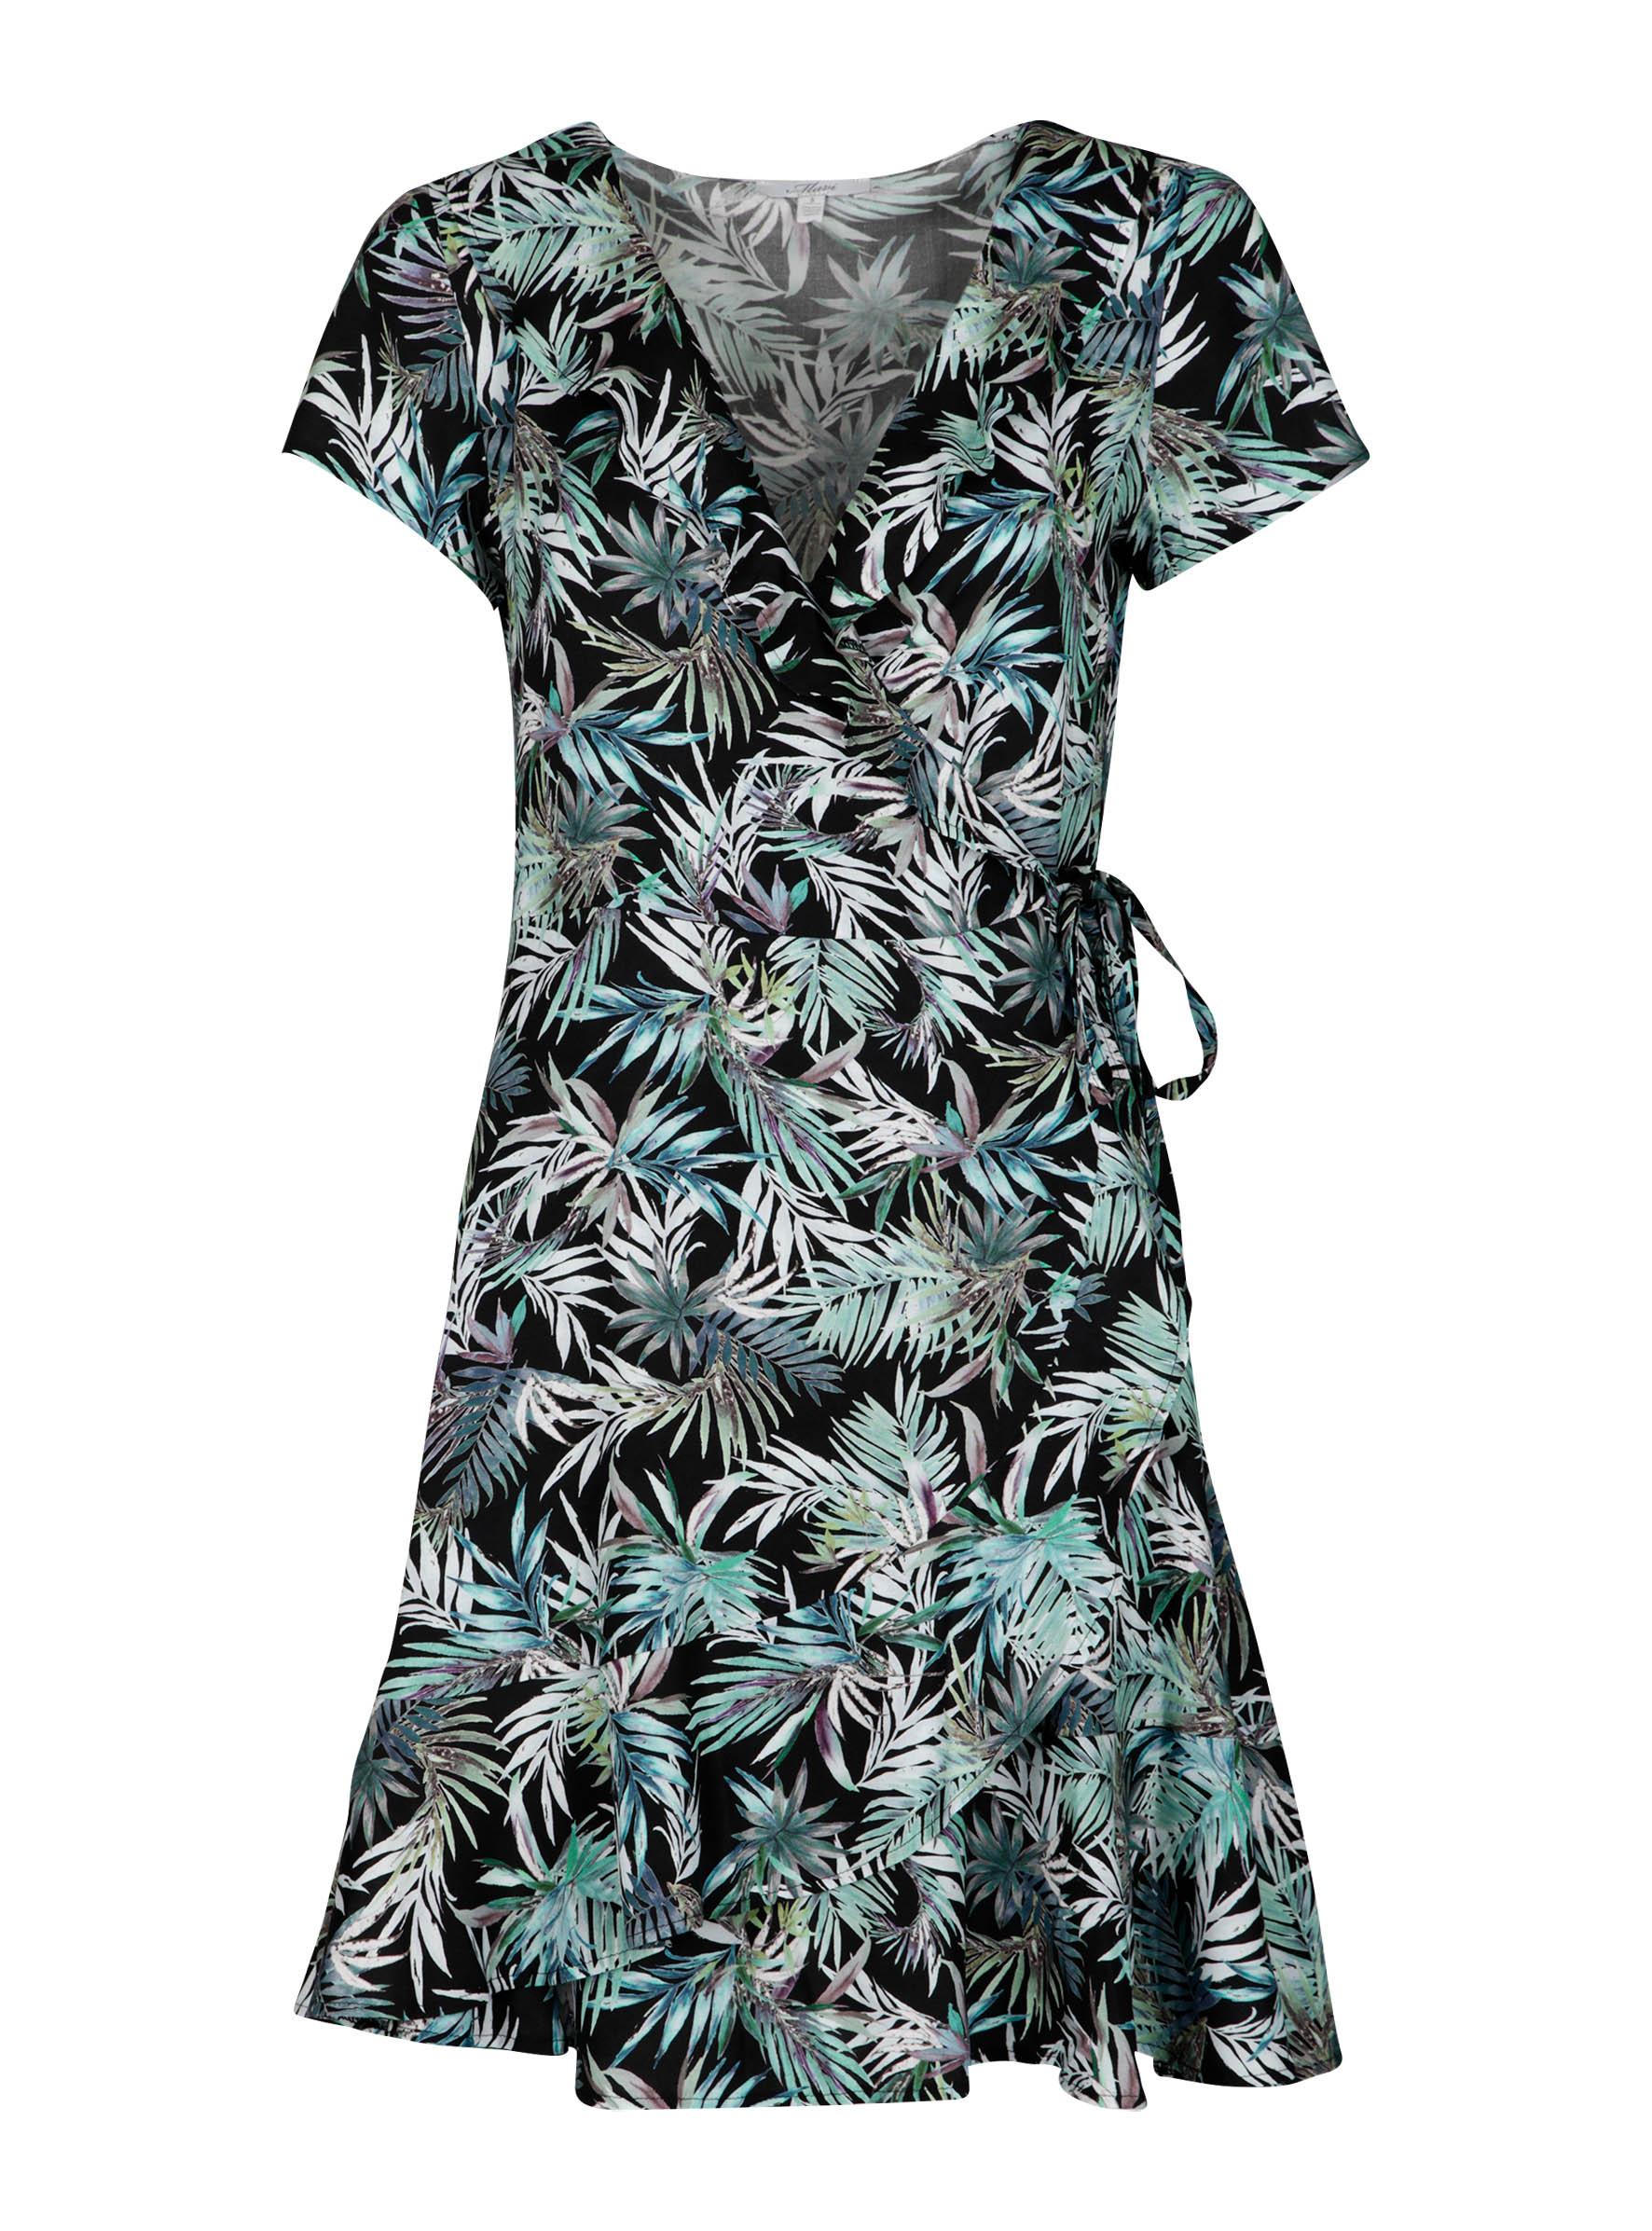 Modernes Wickelkleid in trendigem Palmen Print in der Mavi Jeans Kollektion